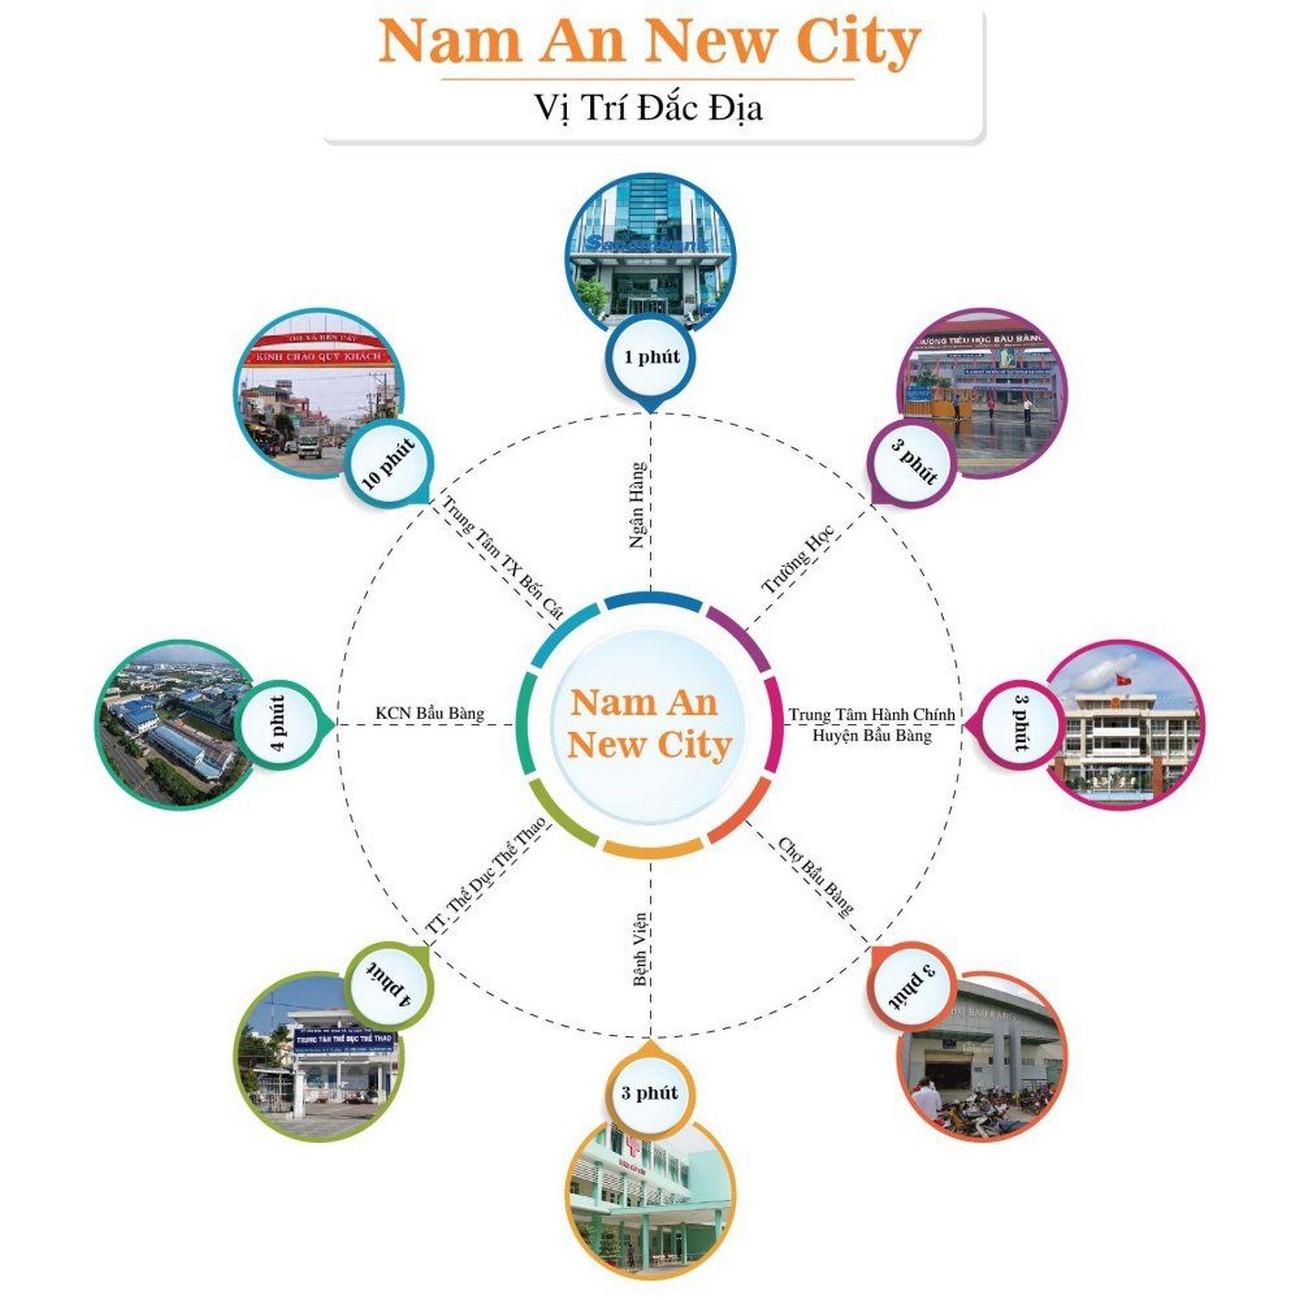 Liên kết vùng dự án Nam An New City Bình Dương